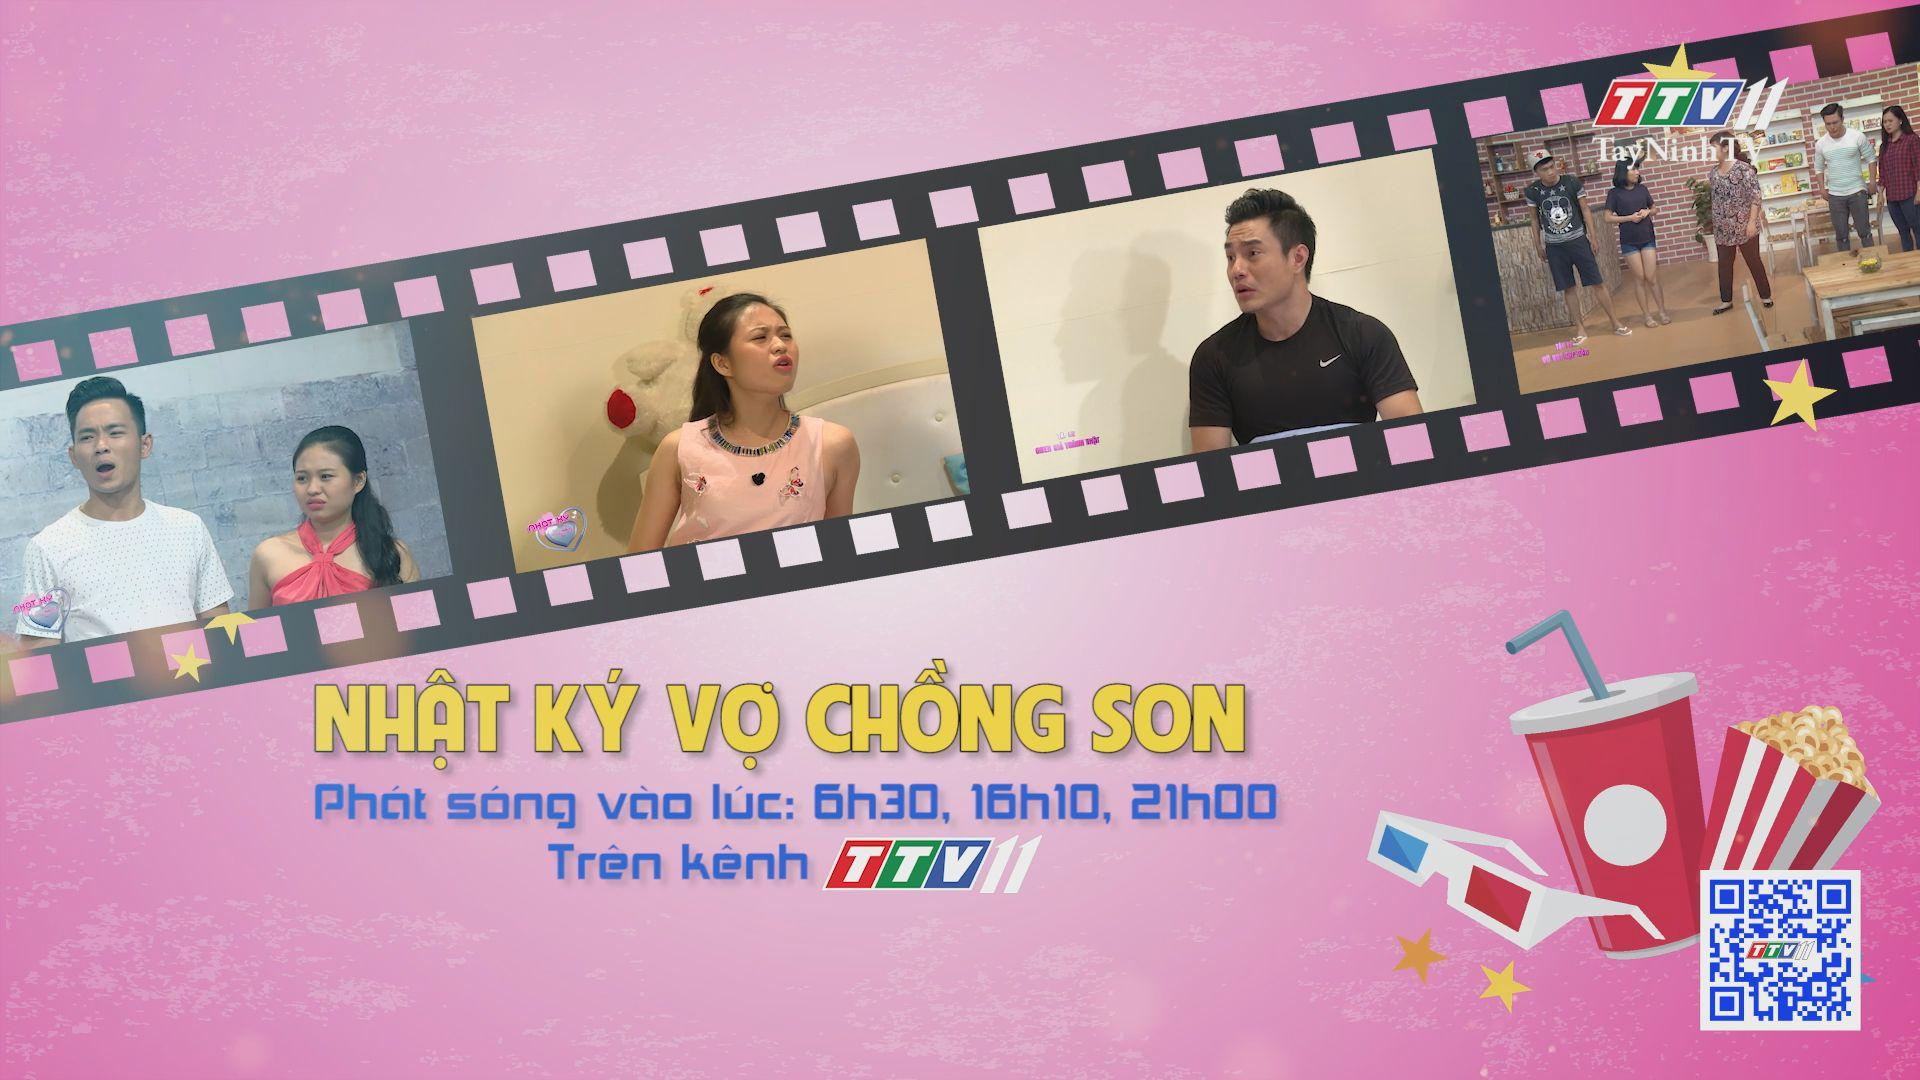 Nhật ký vợ chồng son -TRAILER   GIỚI THIỆU PHIM   TayNinhTV